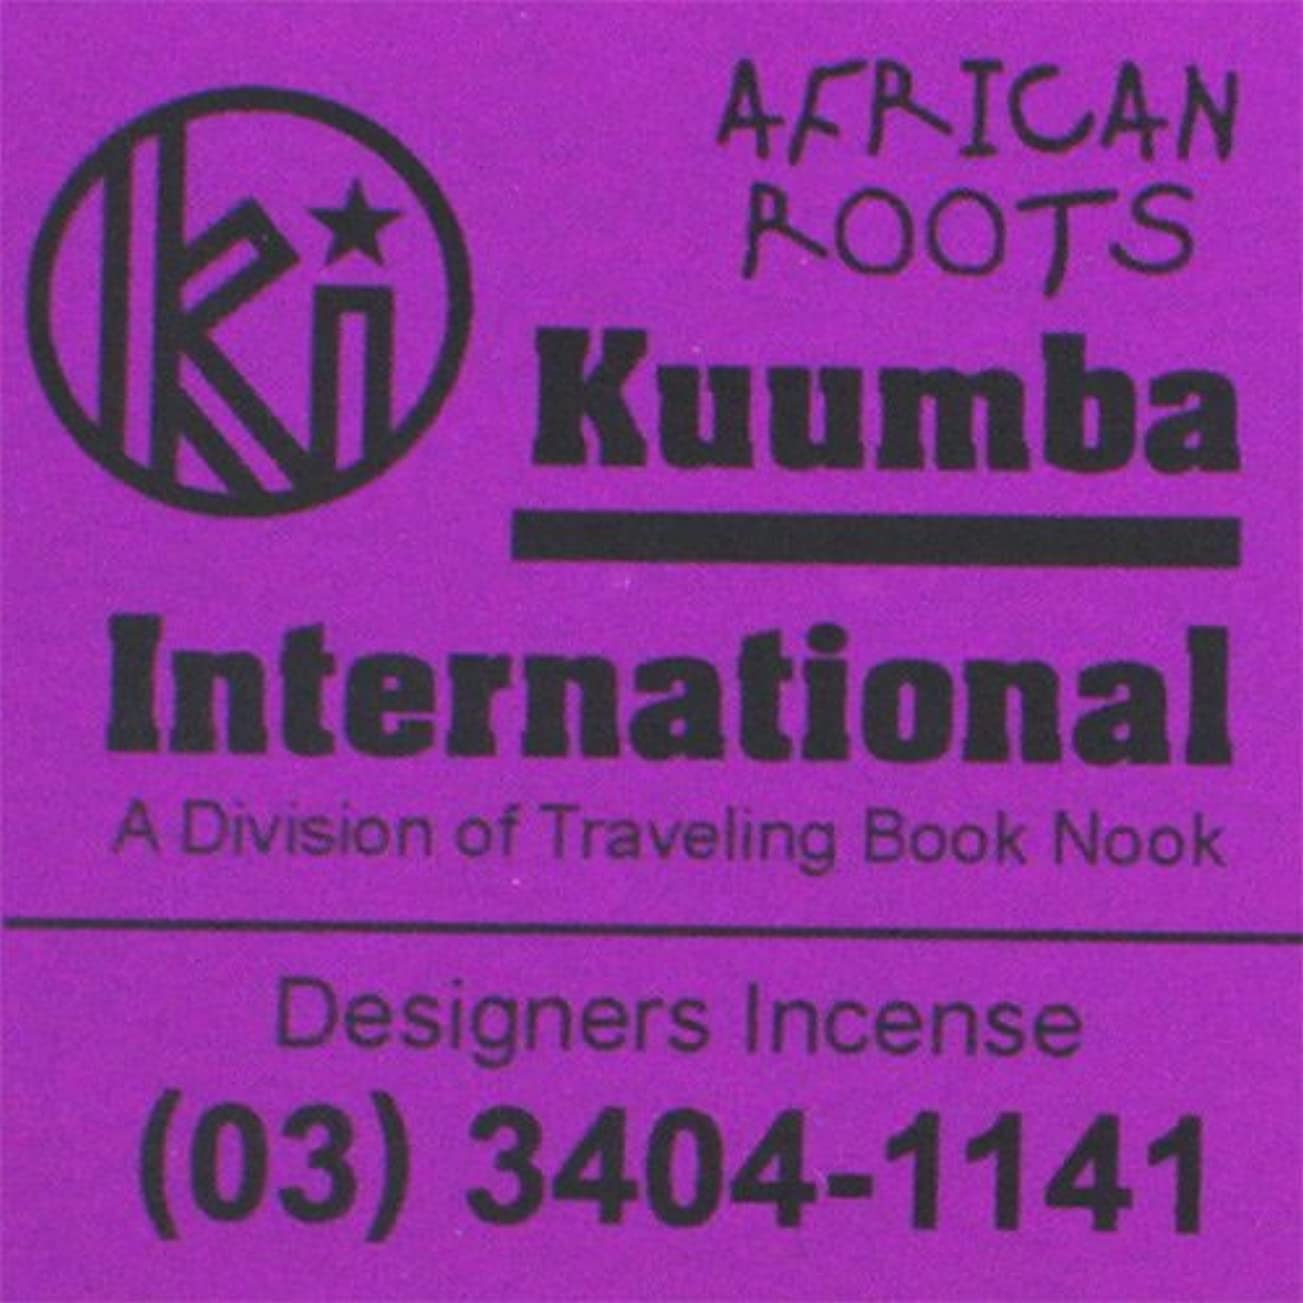 関係ない直面する取り除くKUUMBA / クンバ『incense』(AFRICAN ROOTS) (Regular size)